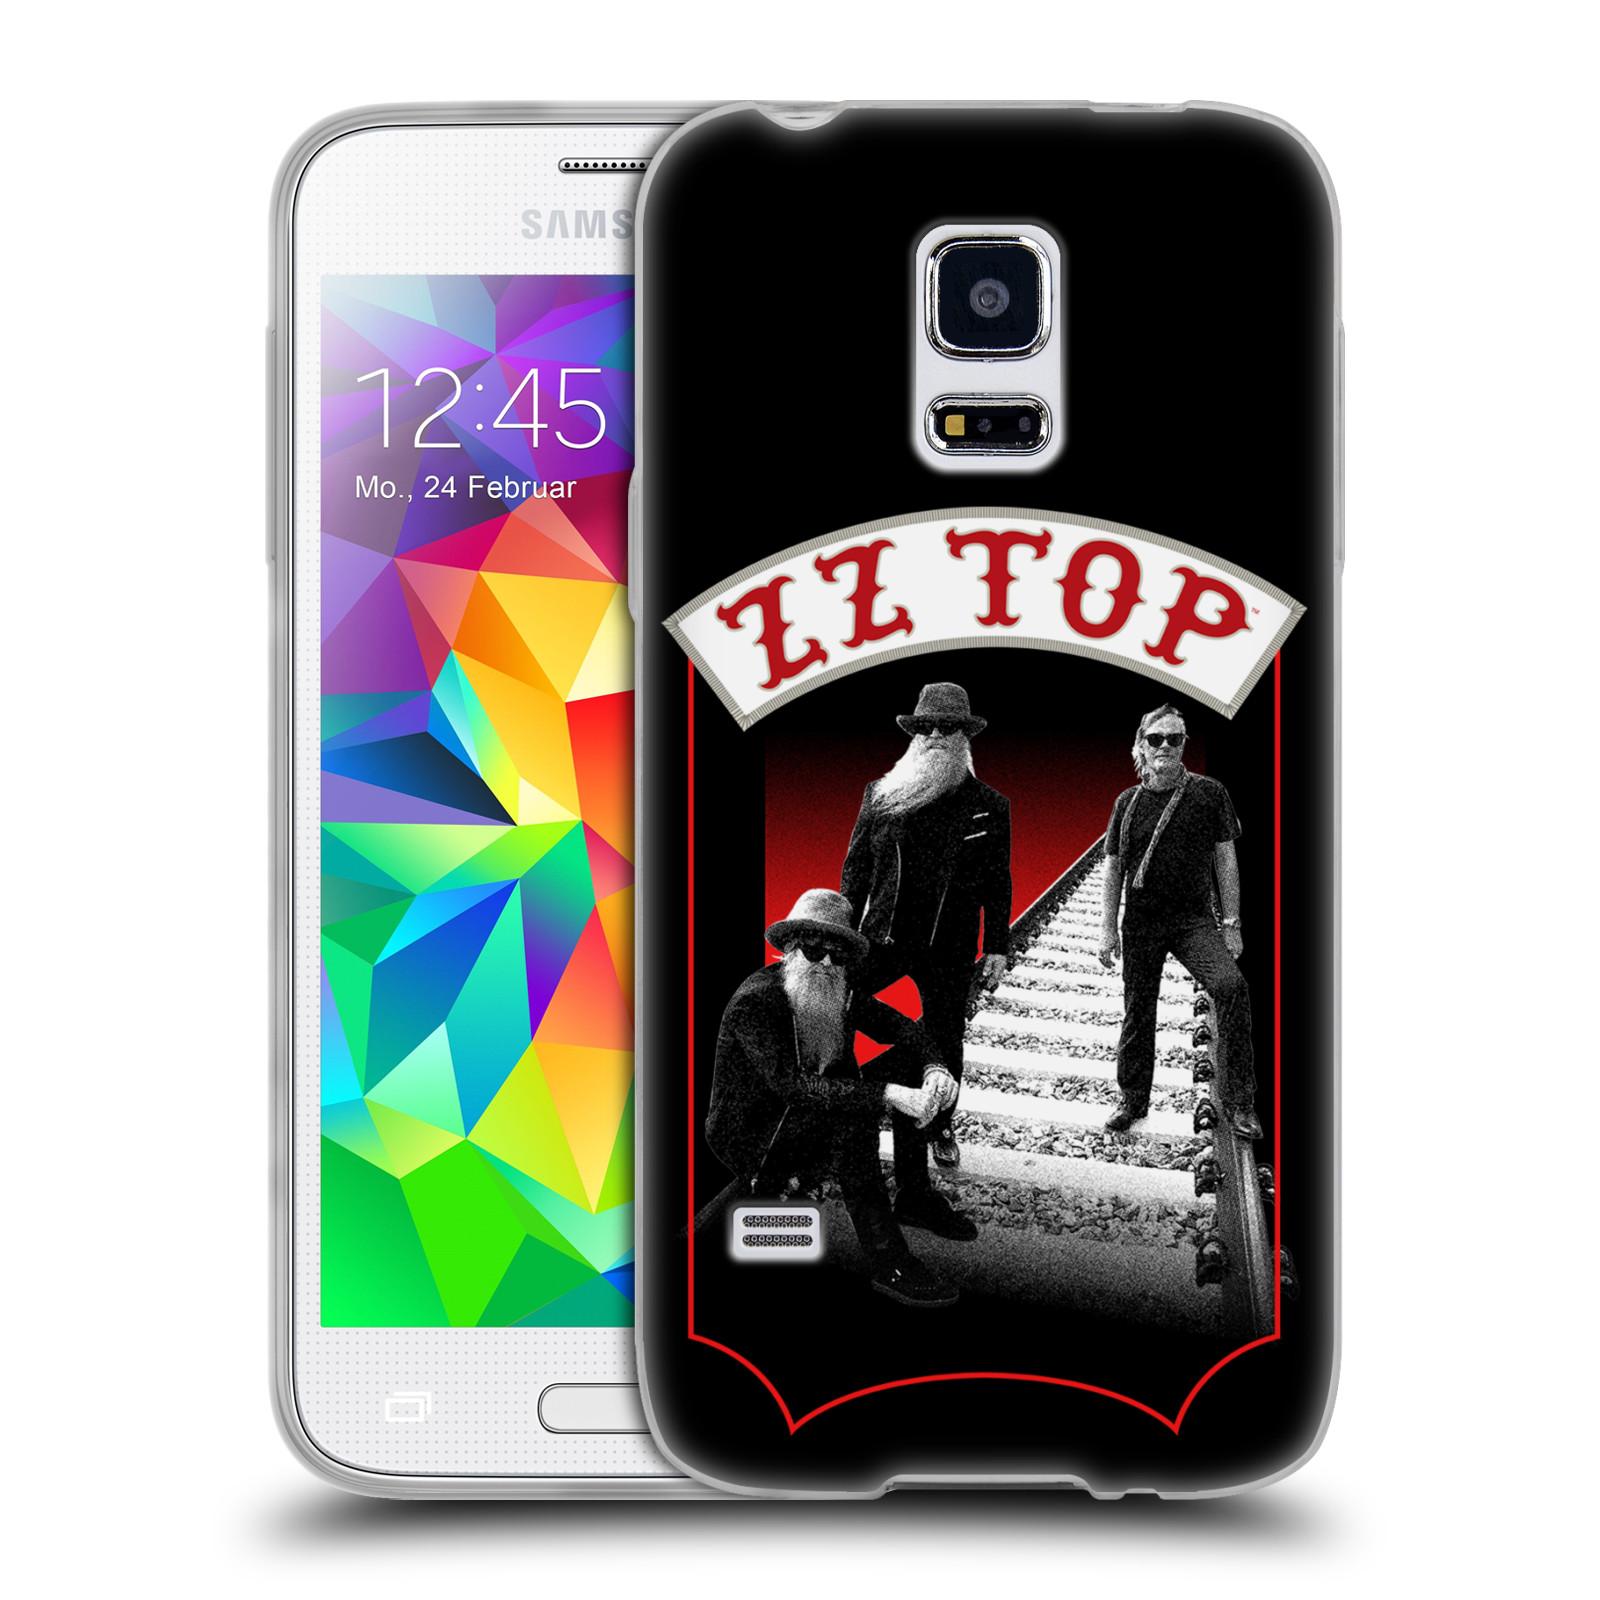 HEAD CASE silikonový obal na mobil Samsung Galaxy S5 MINI ZZ Top koleje zpěváci